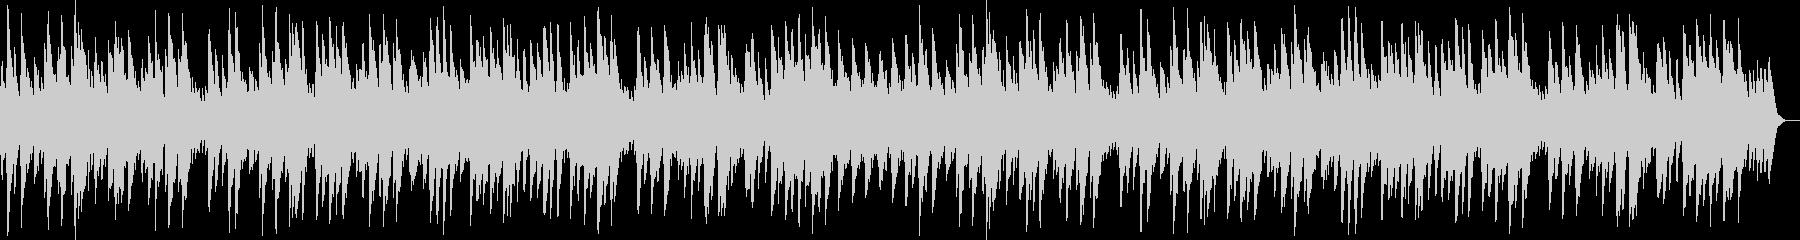 ダニー・ボーイ(オルゴール)の未再生の波形